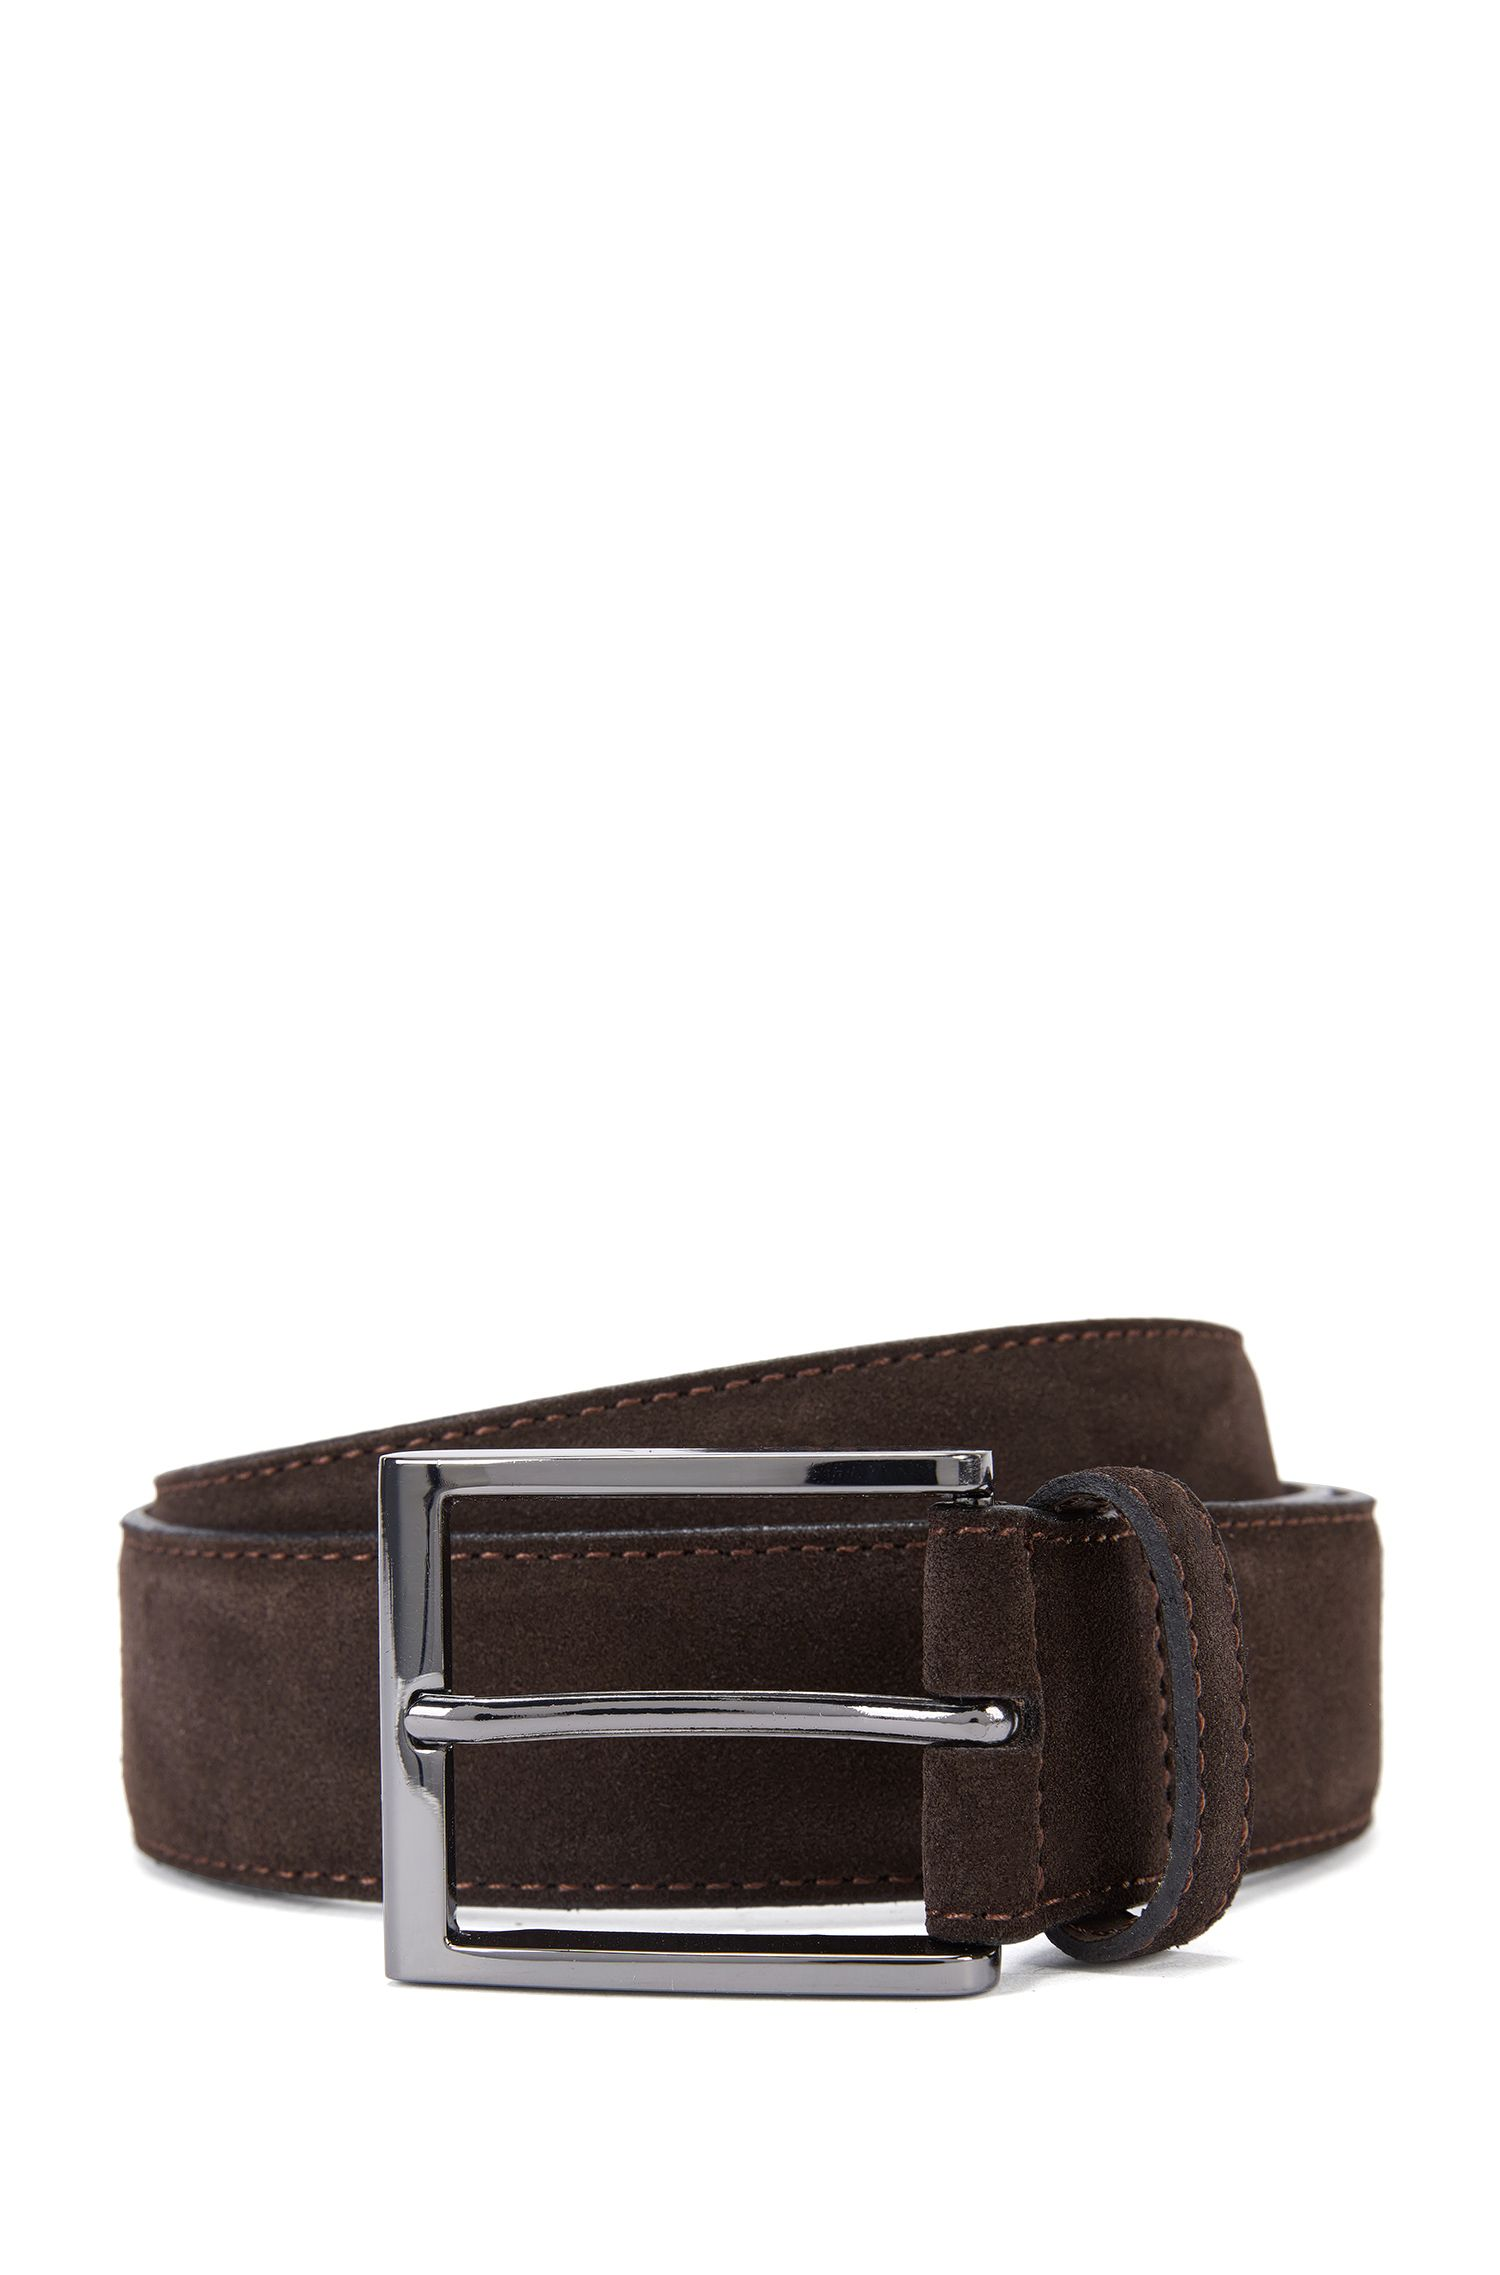 Cintura in pelle scamosciata con punta in metallo griffata